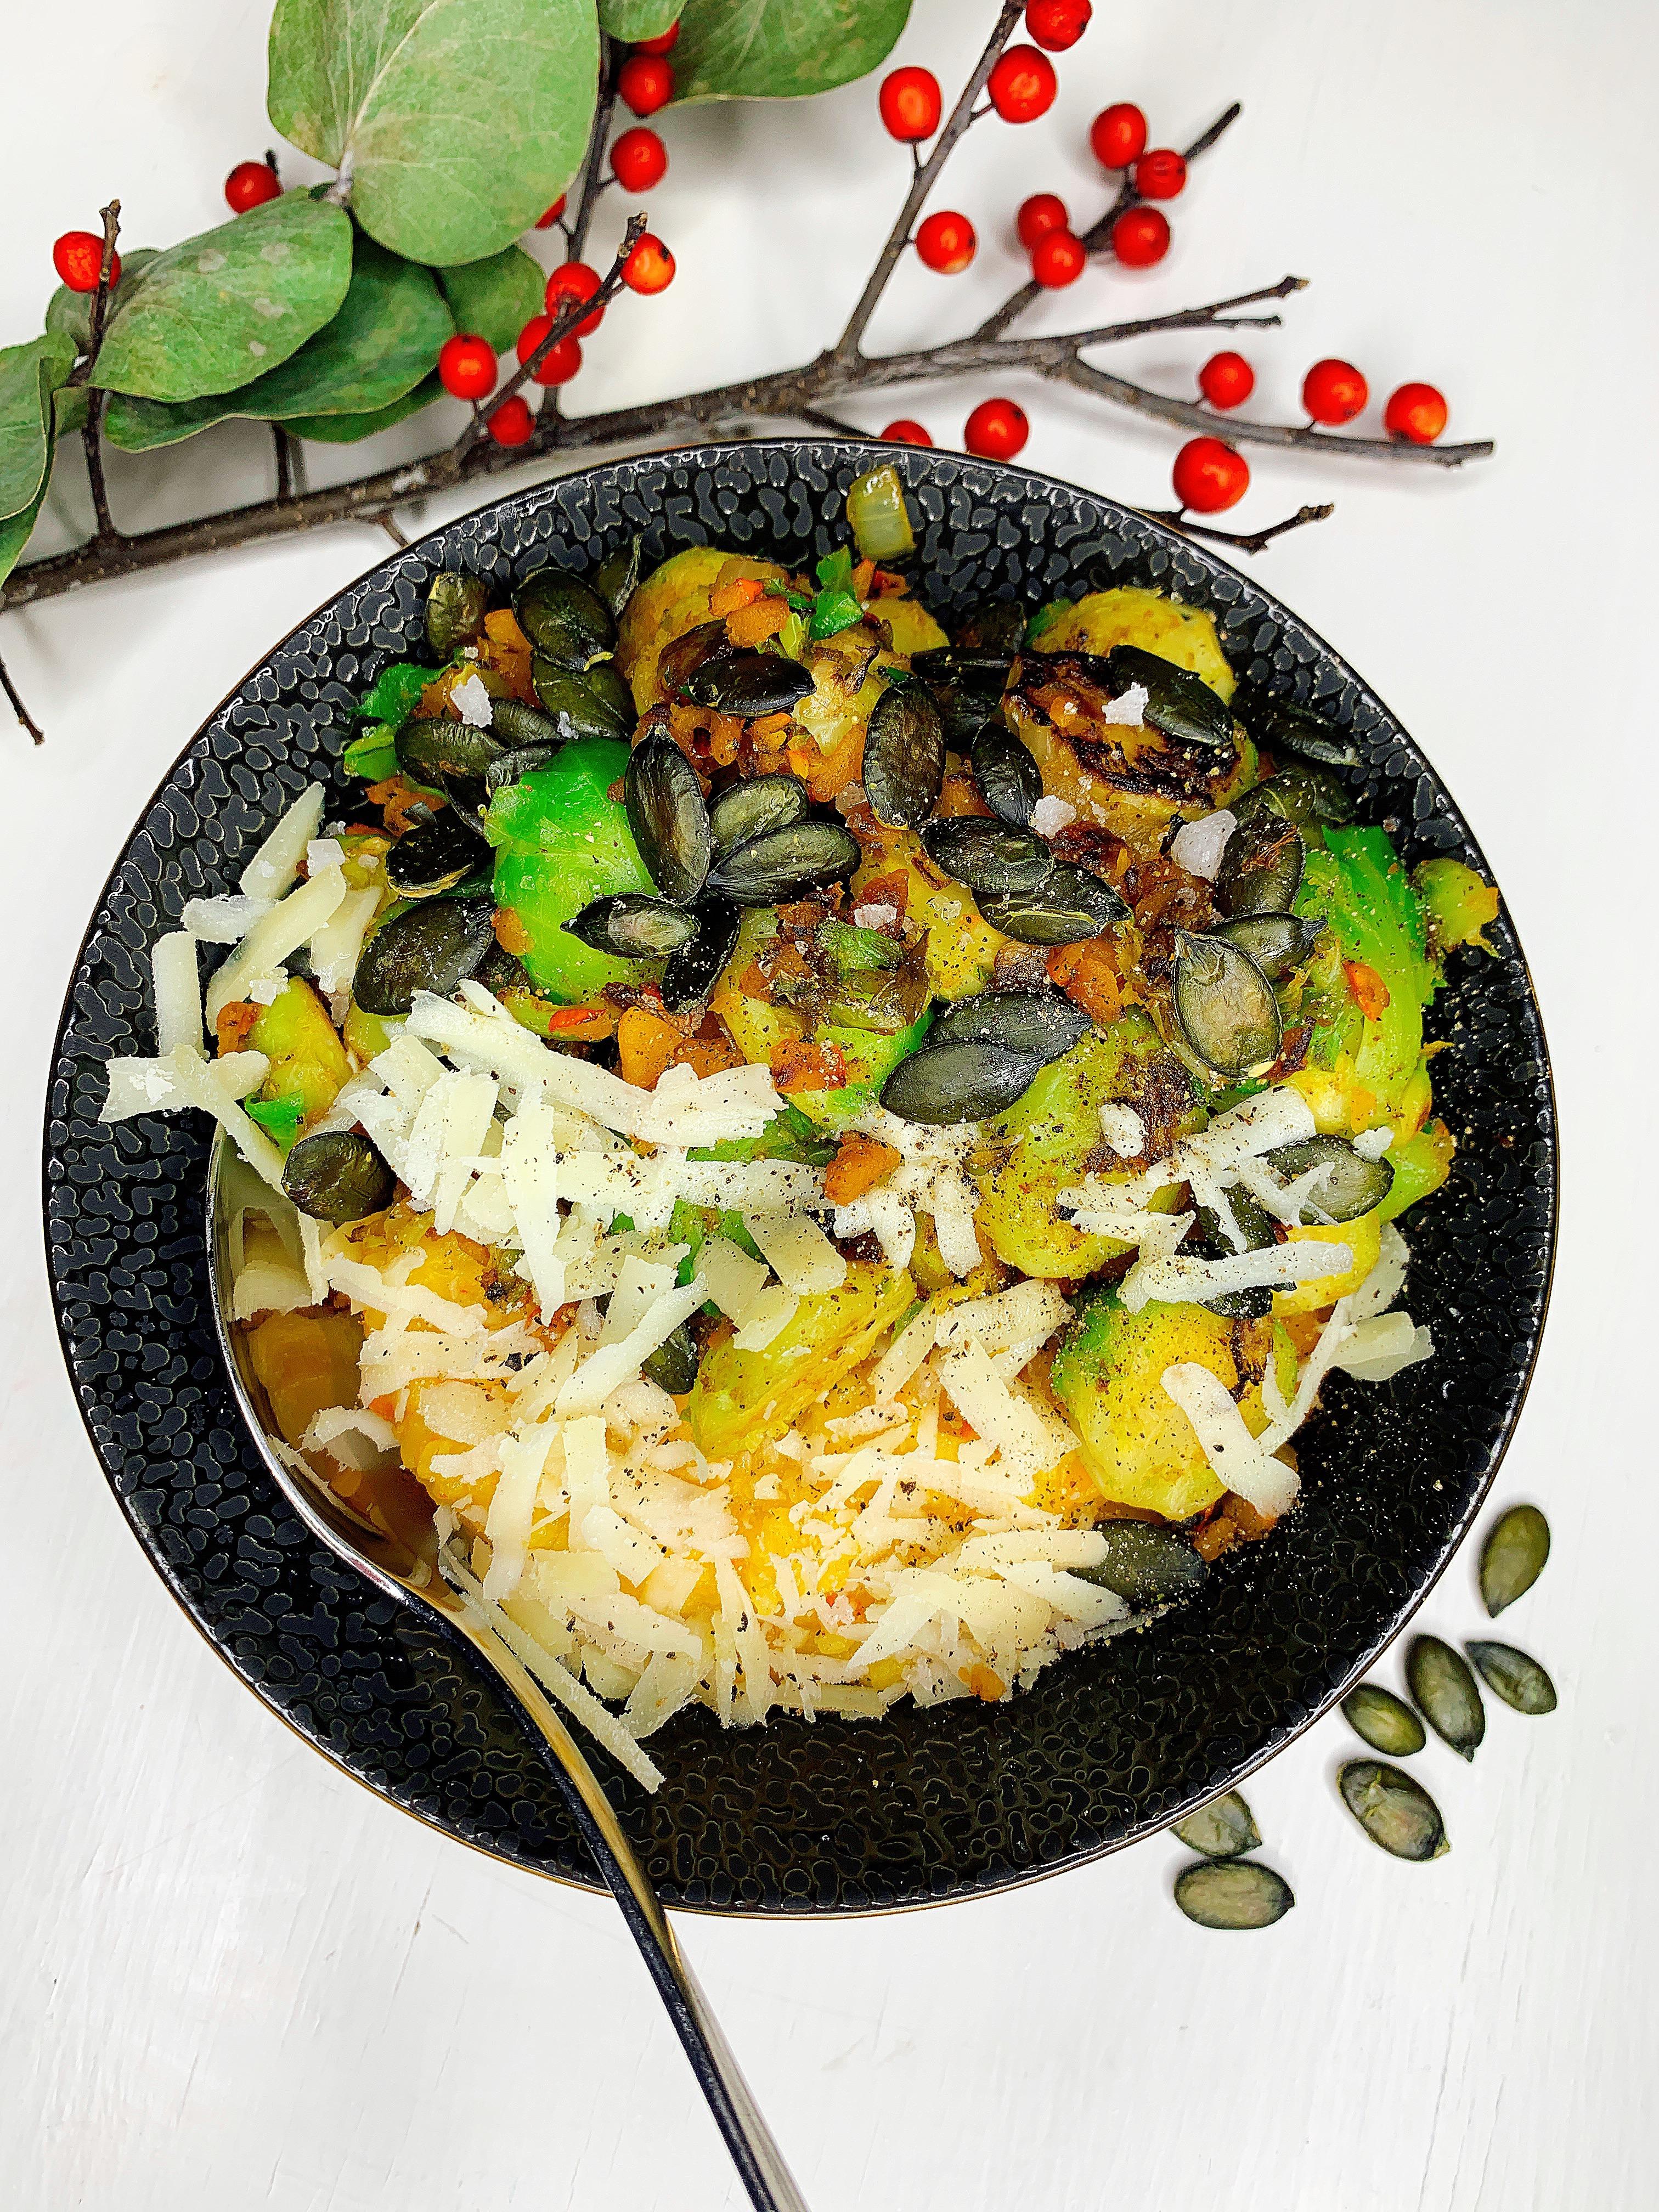 Kürbisrisotto mit gebratenem Rosenkohl, vegetarisch oder vegan